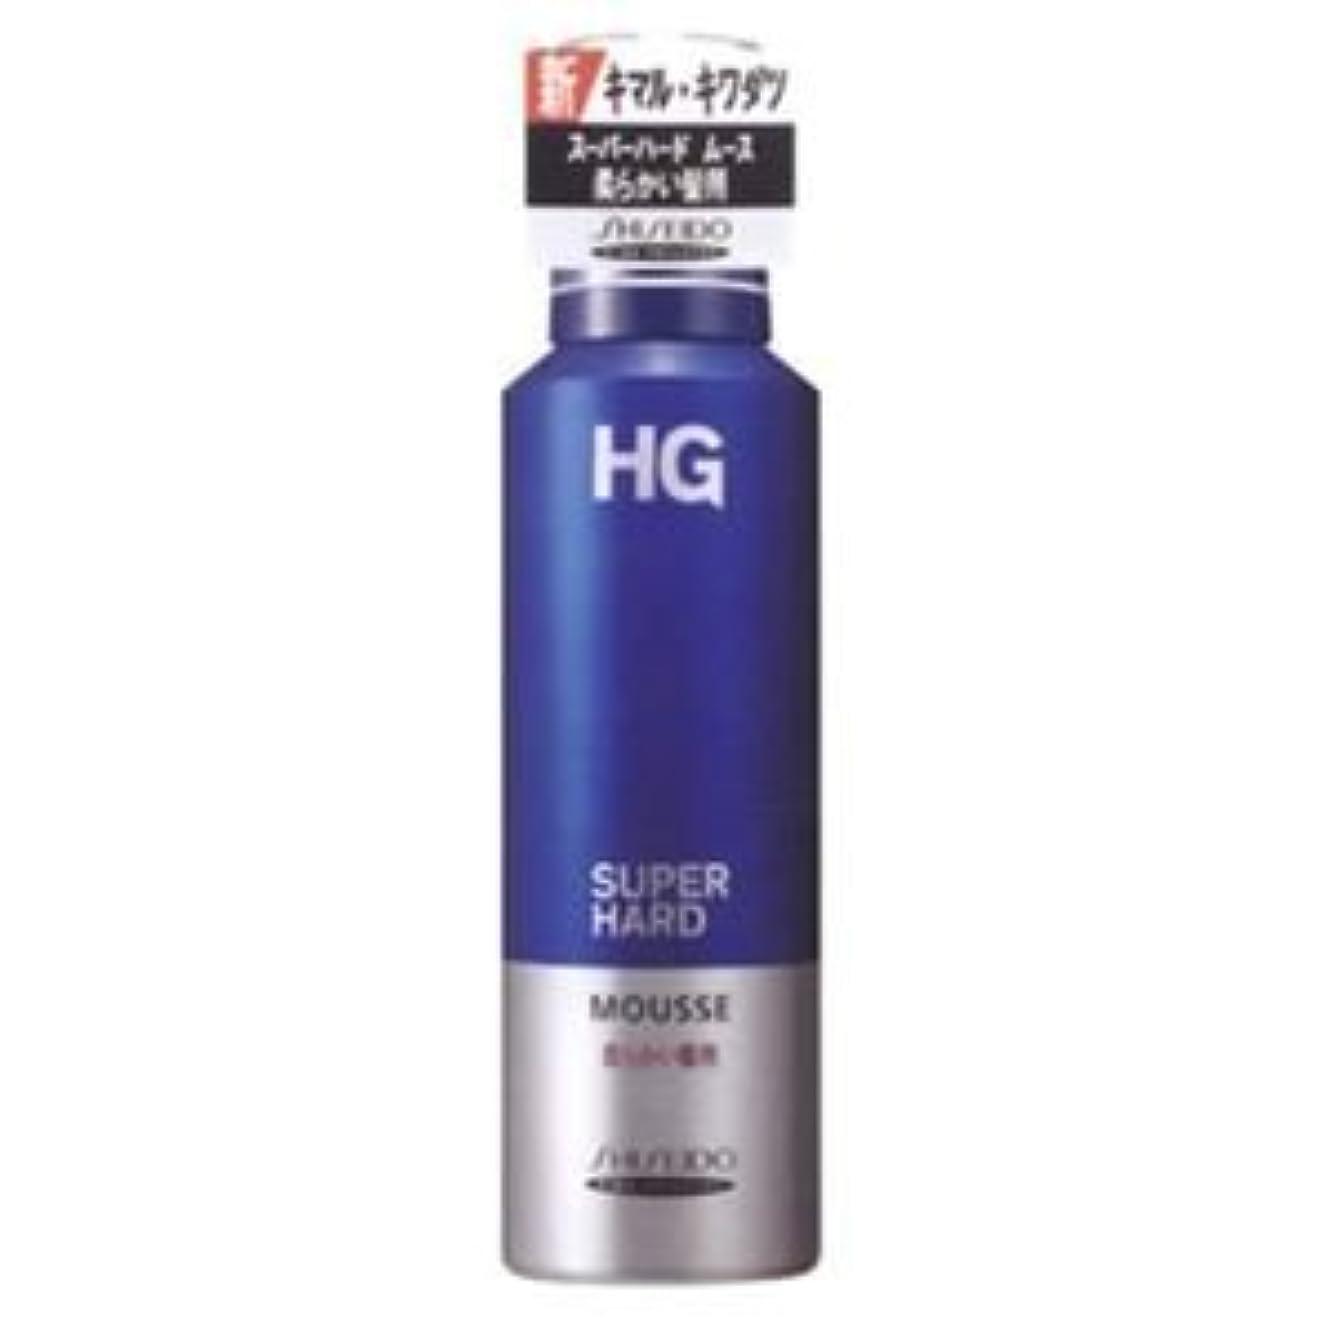 みすぼらしい脅威ダイヤルHG スーパーハードムース 柔らかい髪用 5セット